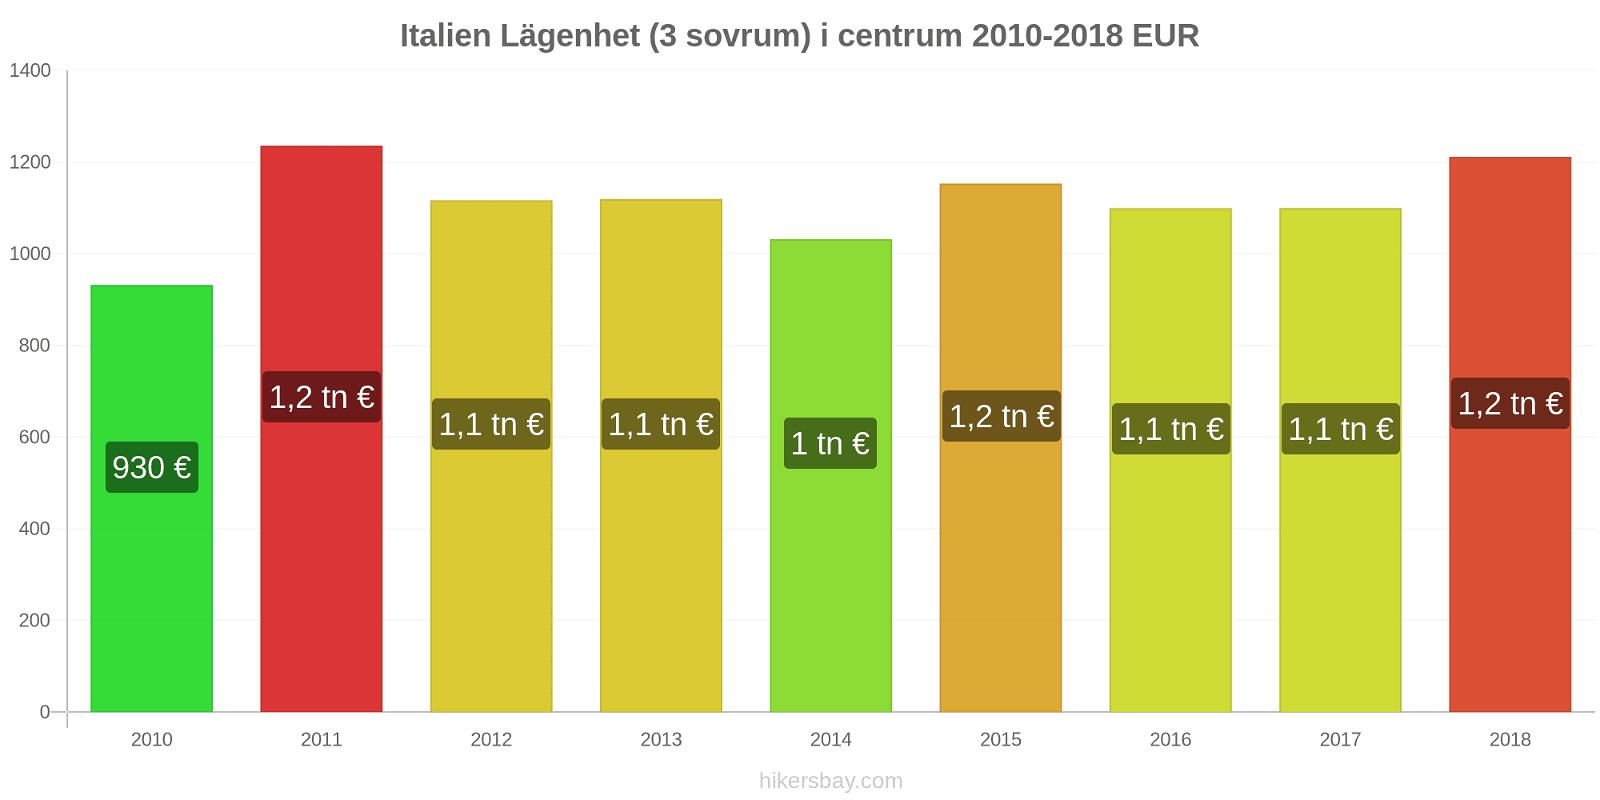 Italien prisförändringar Lägenhet (3 sovrum) i centrum hikersbay.com